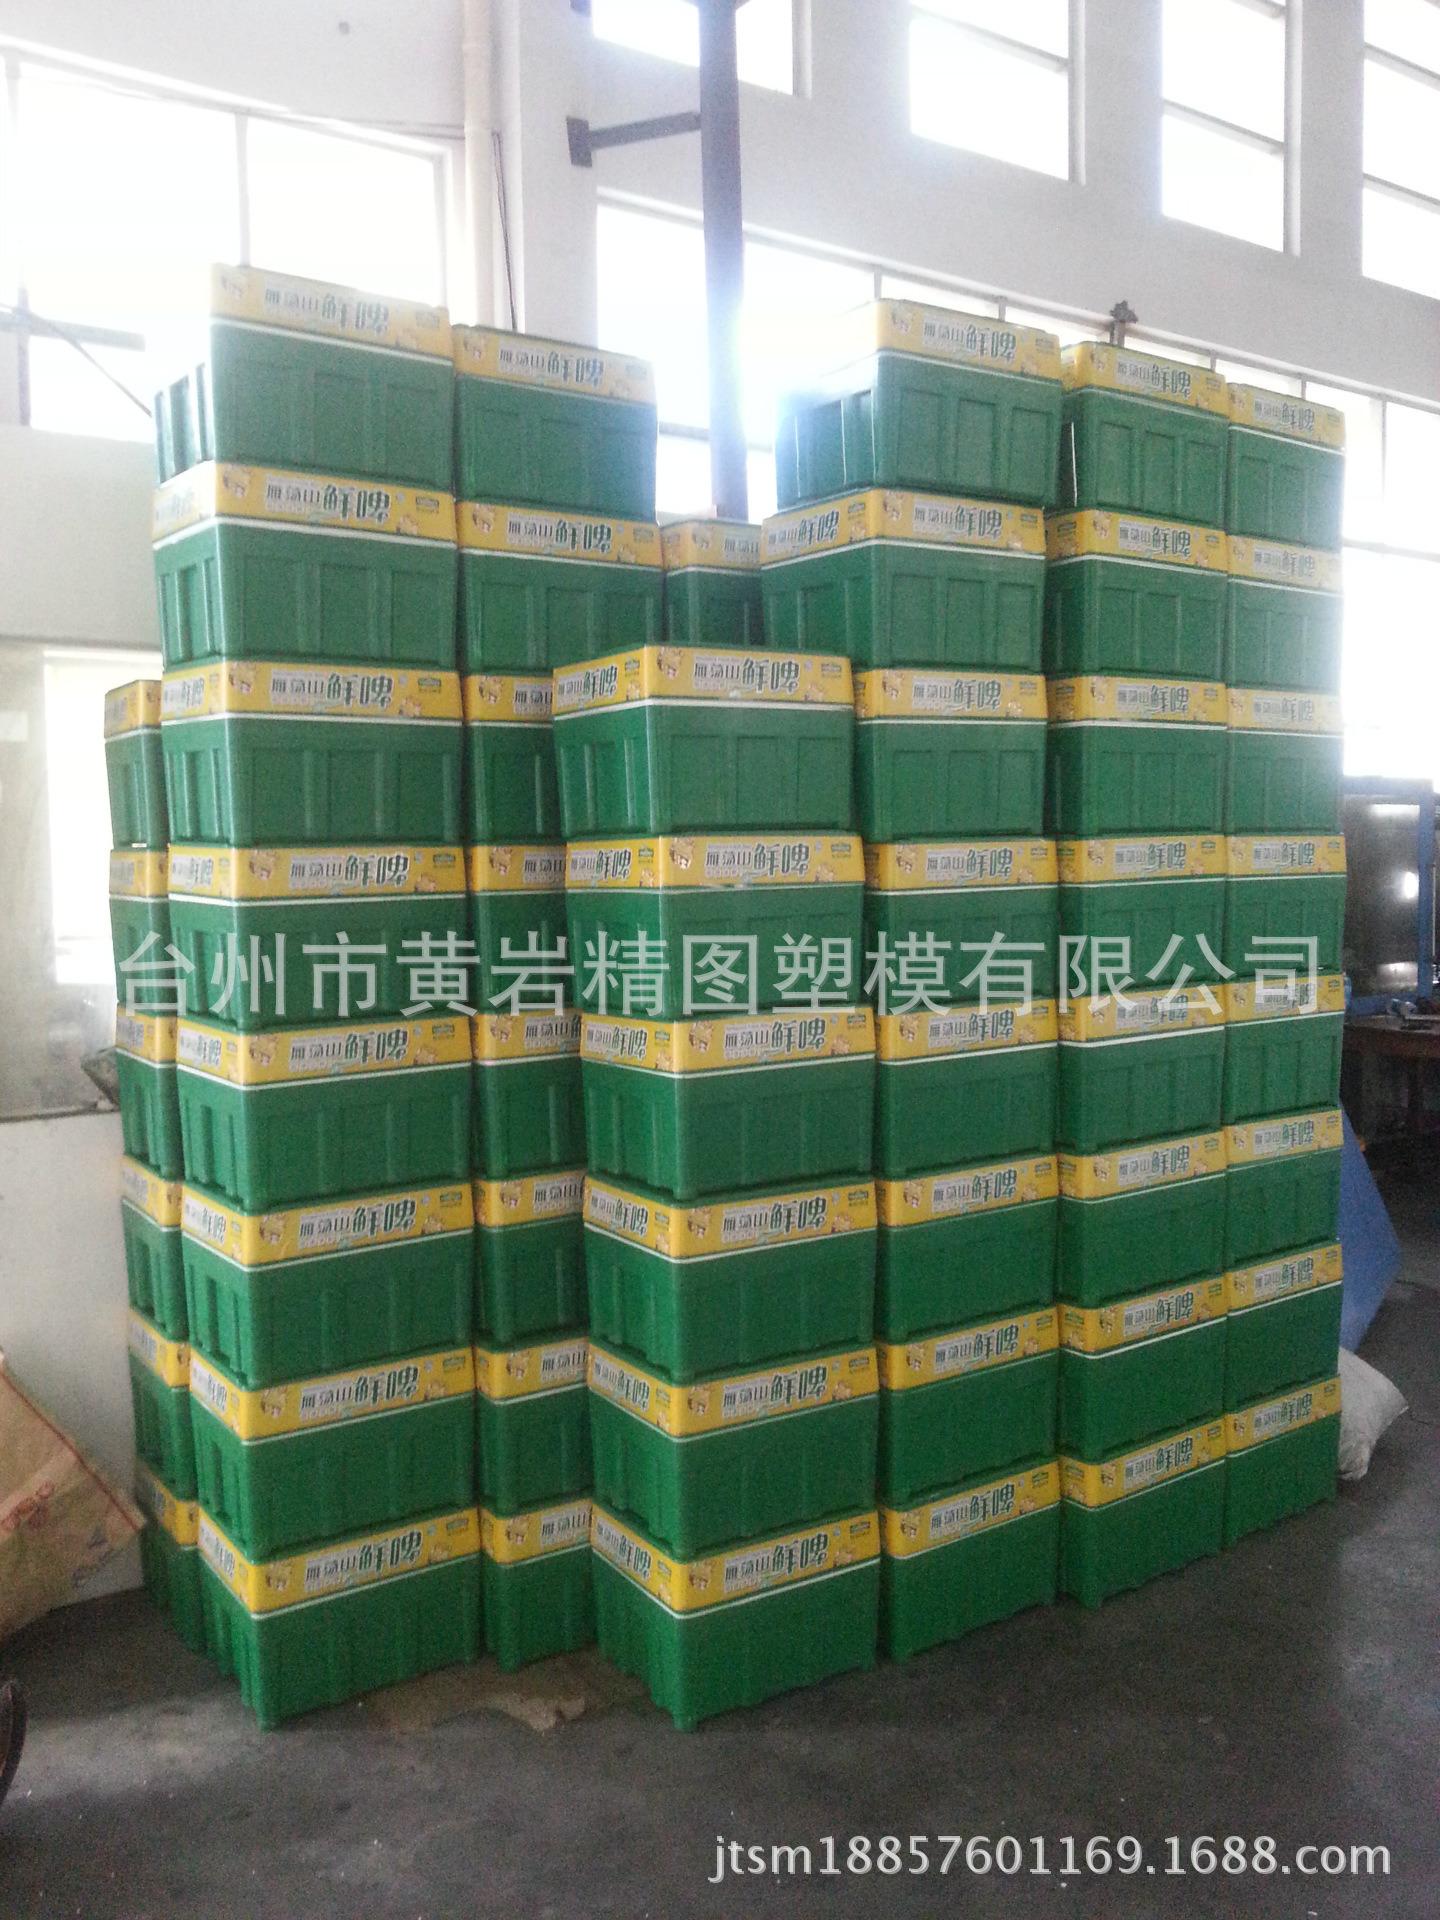 啤酒保鮮箱20140718_171021